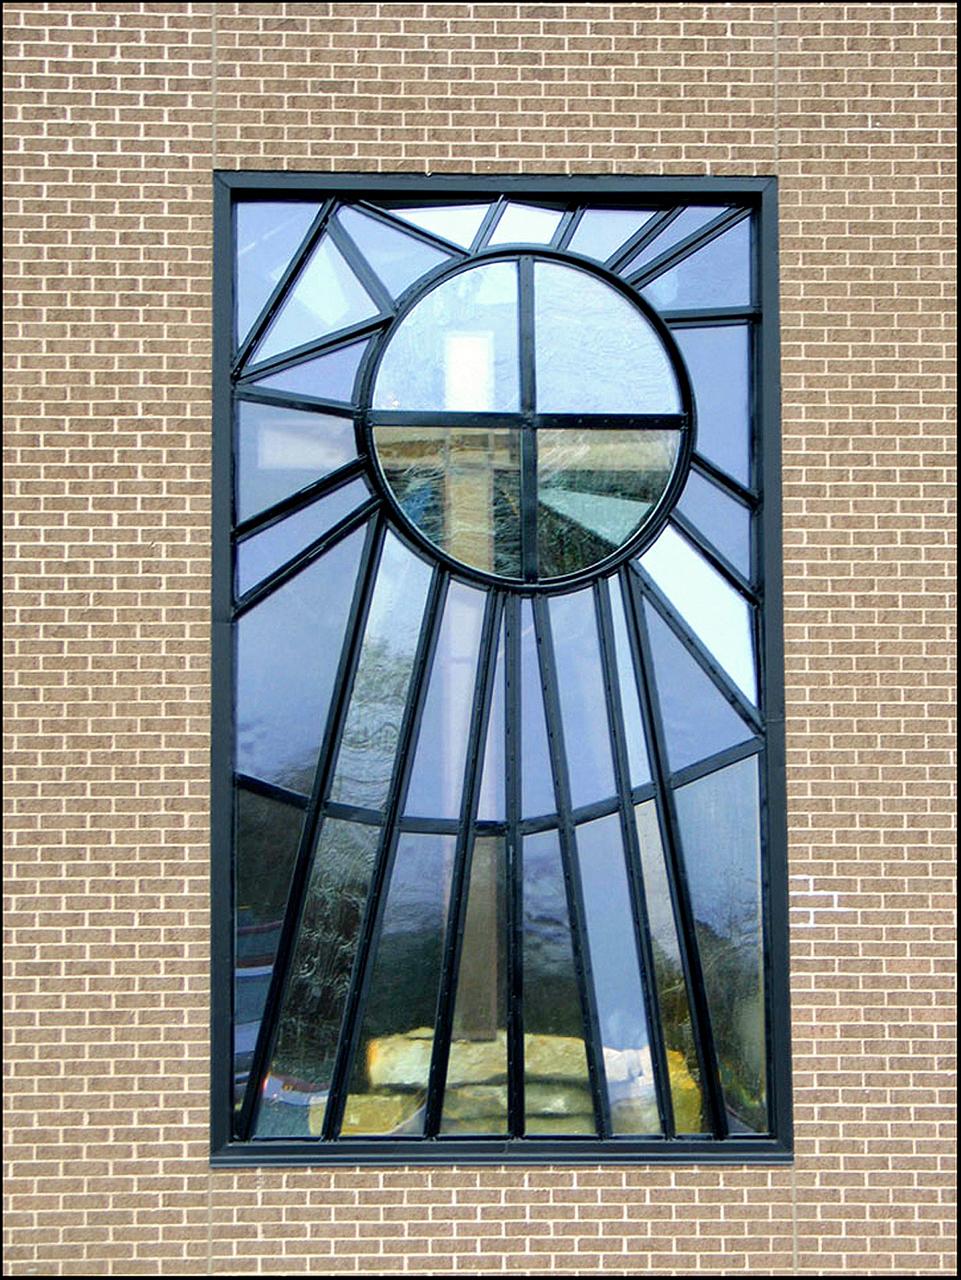 Redemption Window Exterior View